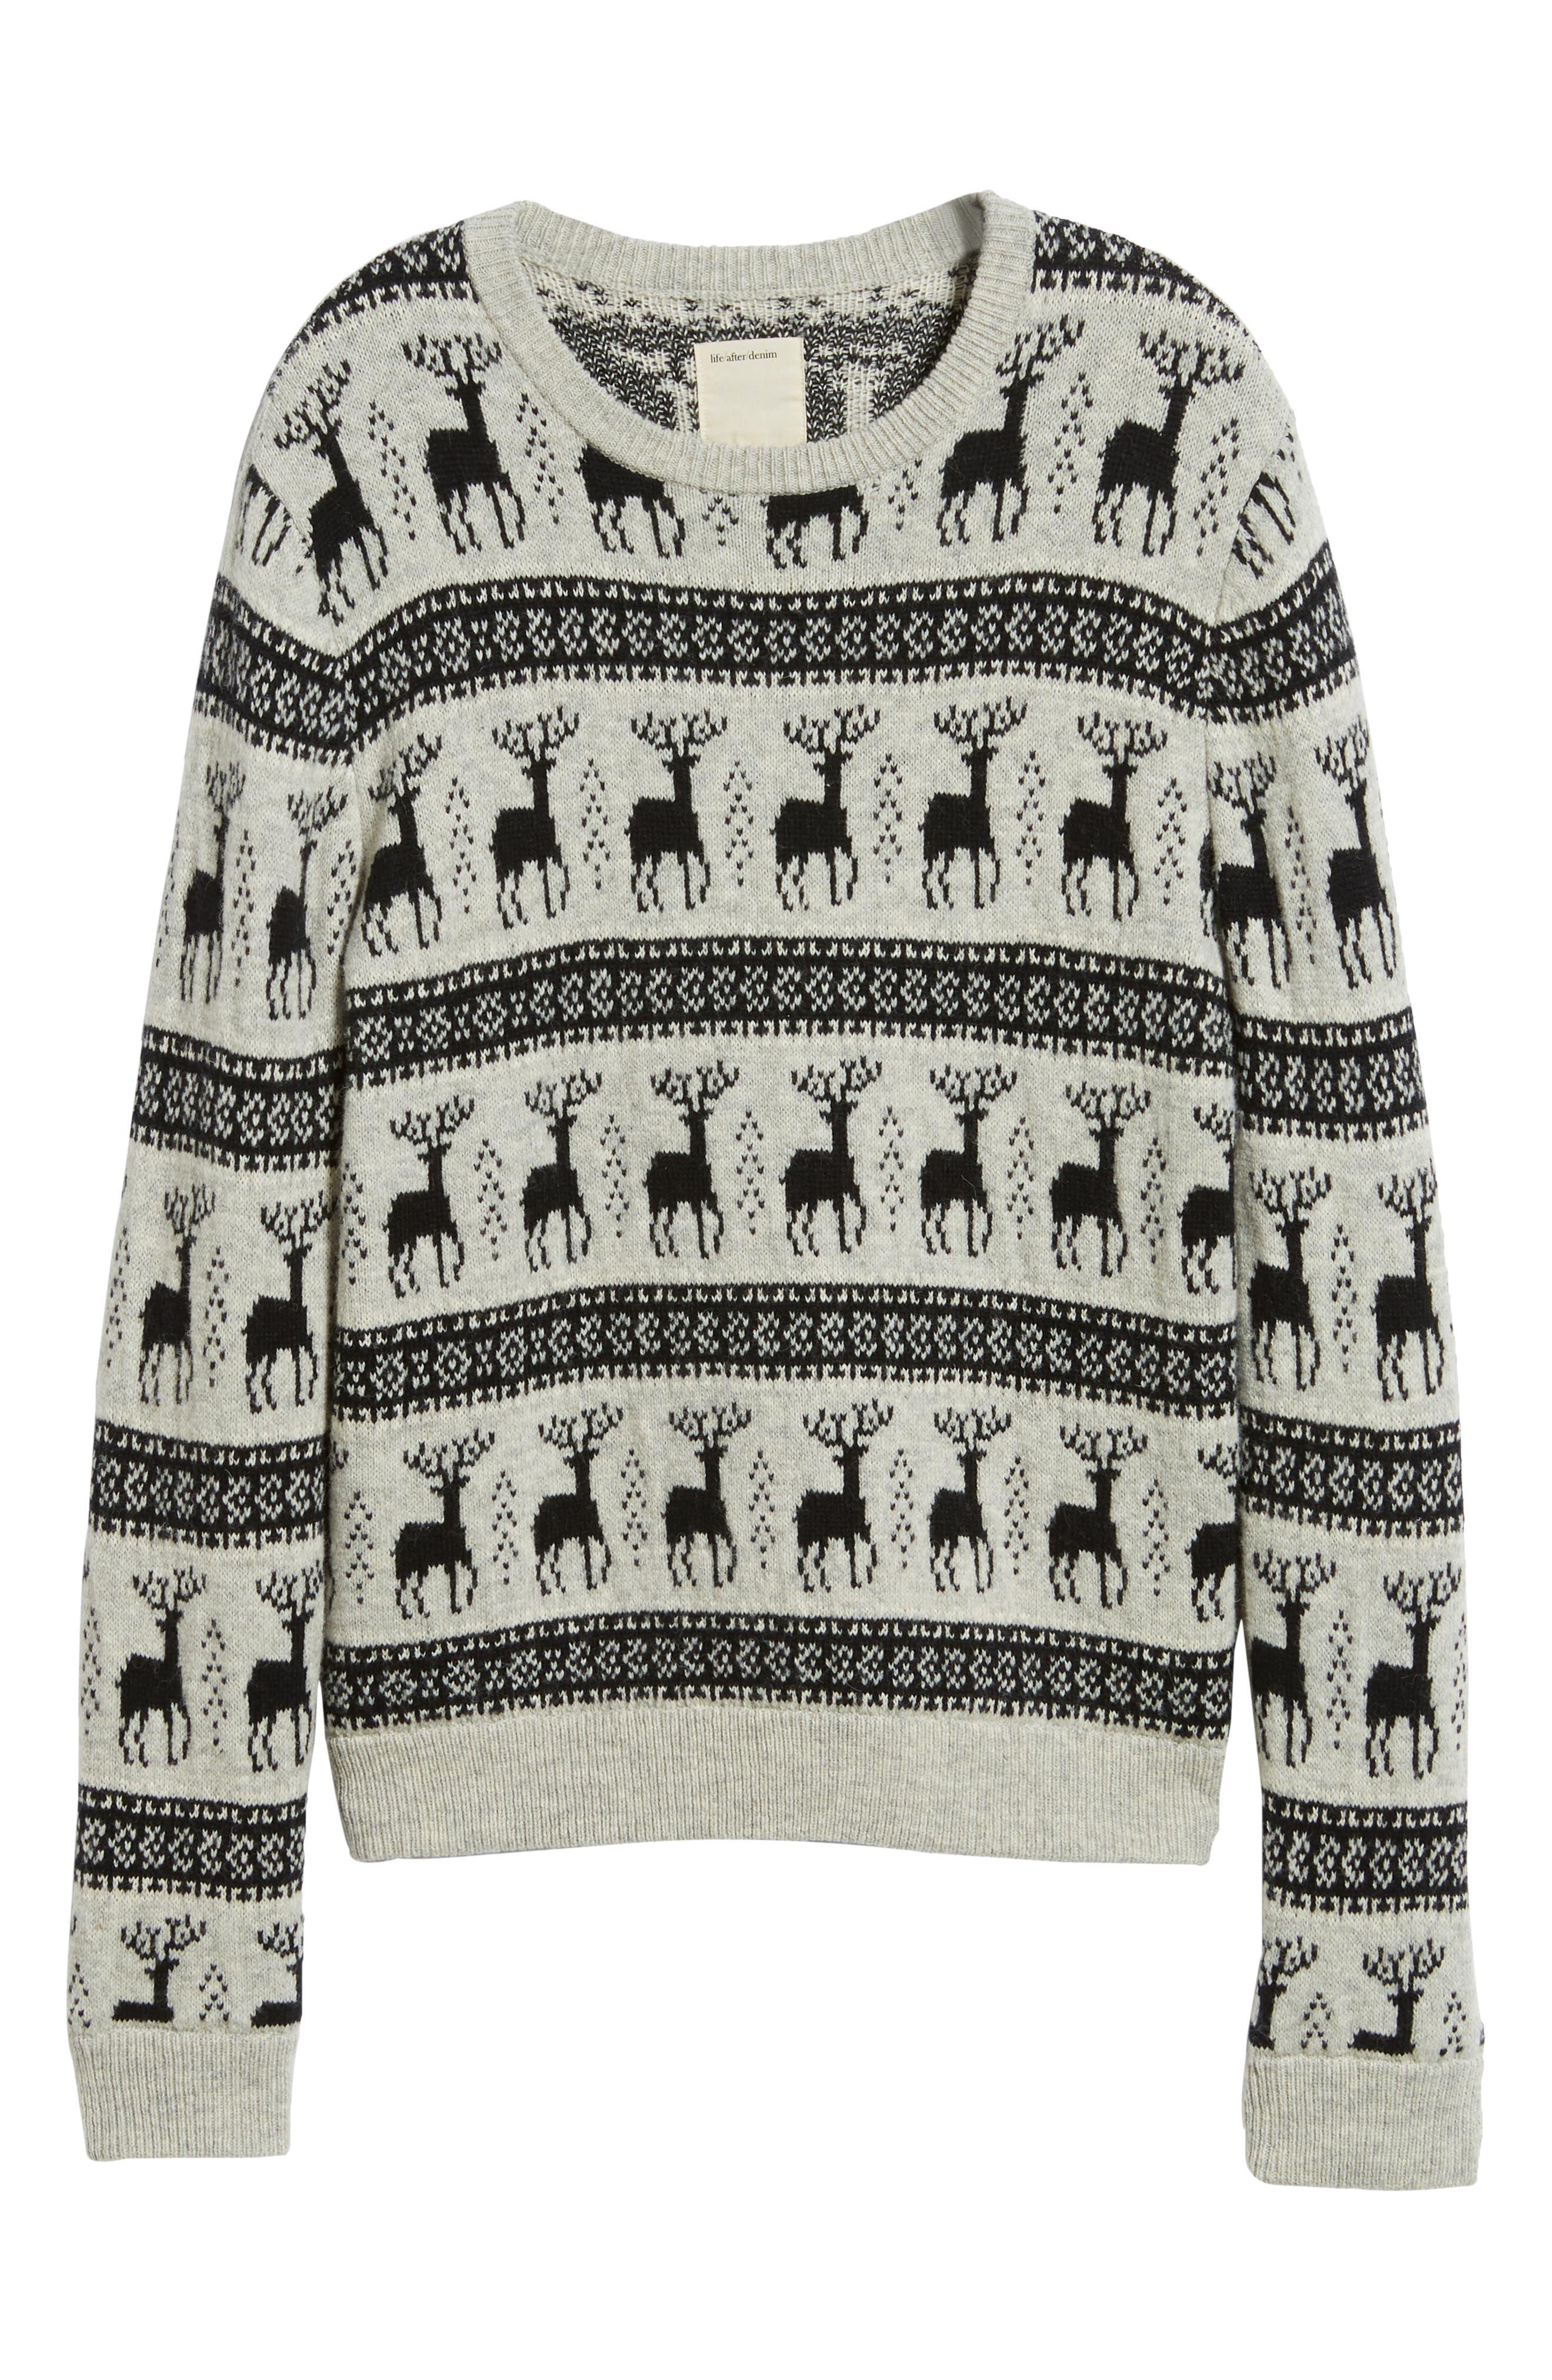 Cedar Slim Fit Crewneck Sweater,                             Alternate thumbnail 6, color,                             LIGHT HEATHER GREY